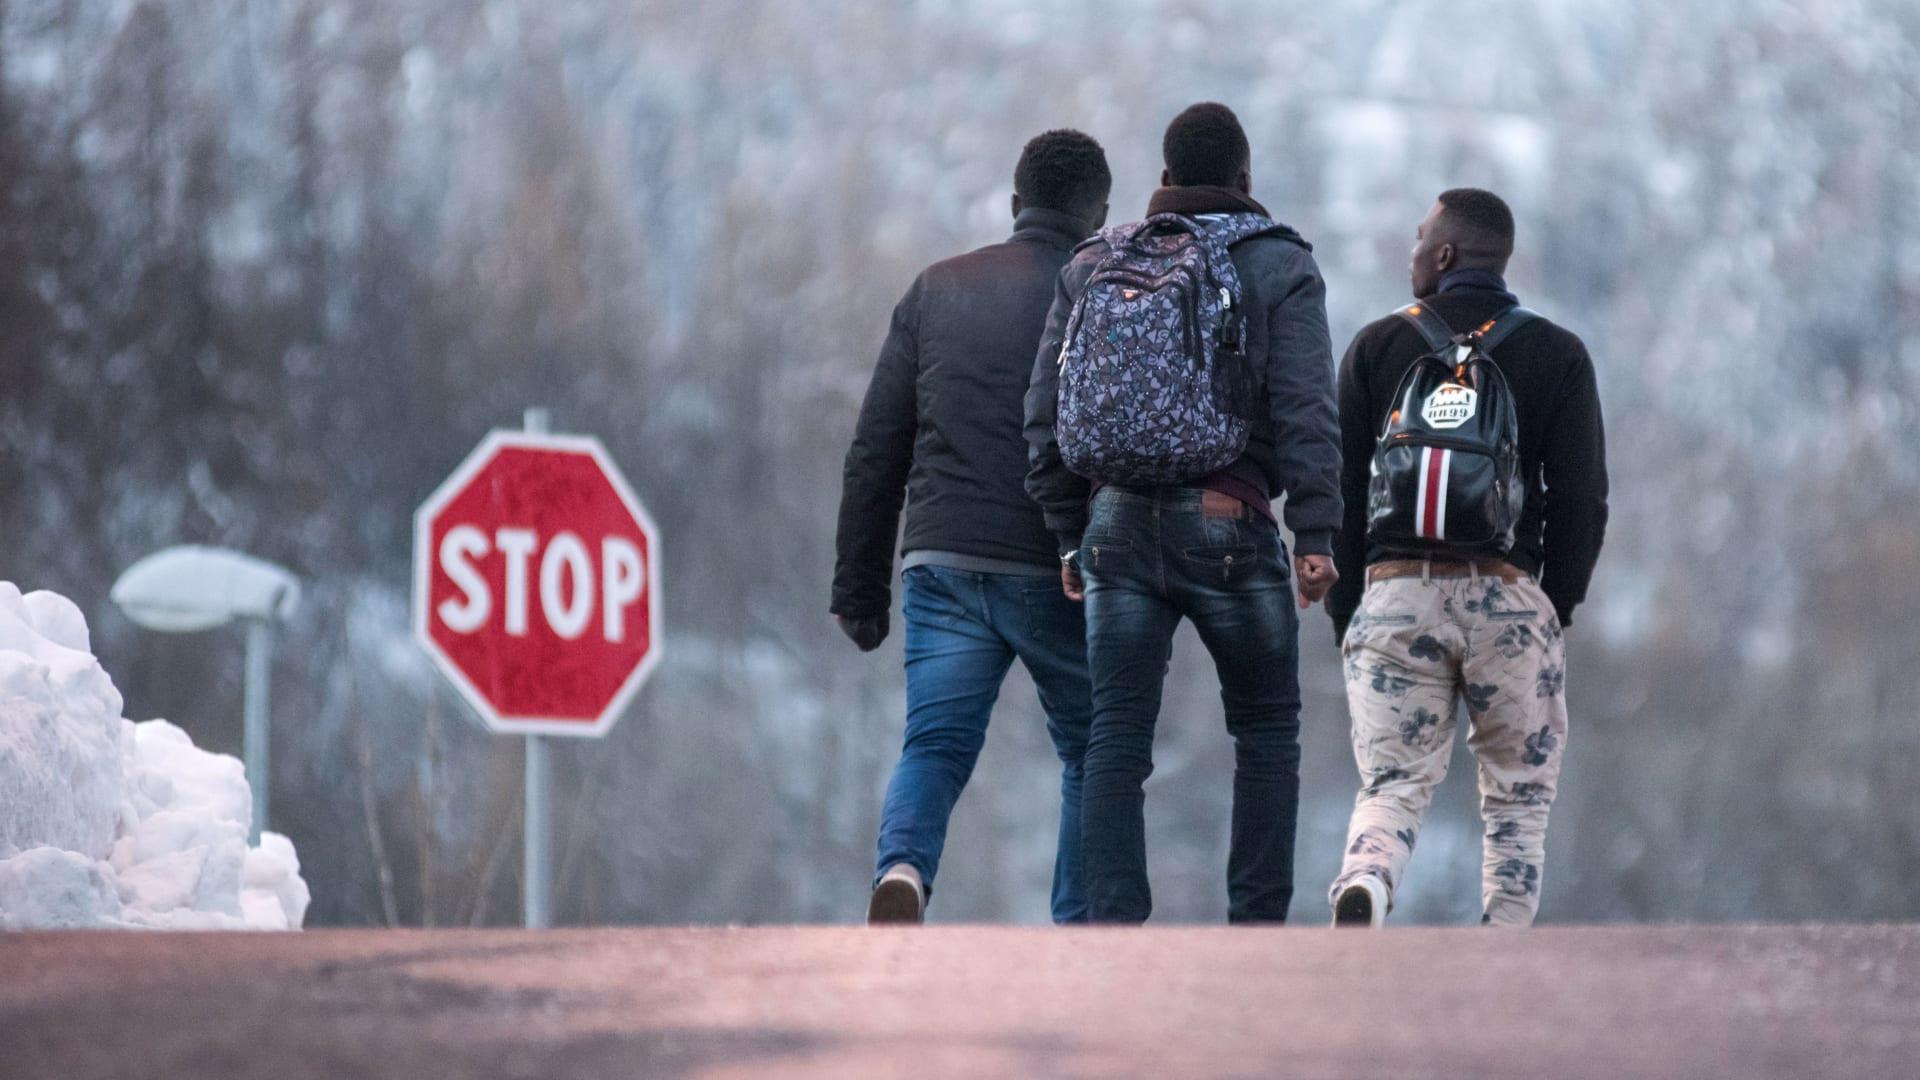 مهاجرون يسيرون في اتجاه  ممر مغطى بالثلوج لعبور الحدود بين إيطاليا وفرنسا